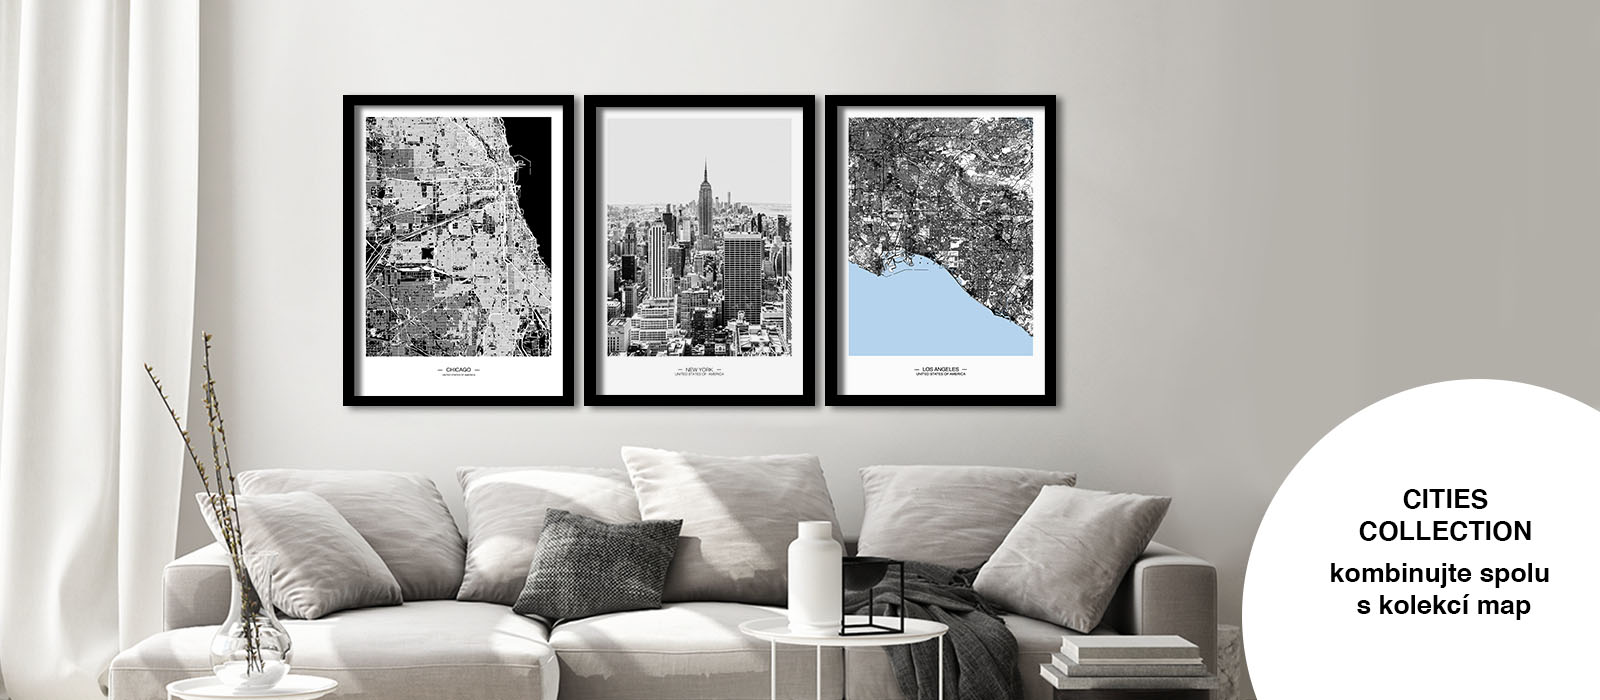 laforma města mapy obraz na stěnu